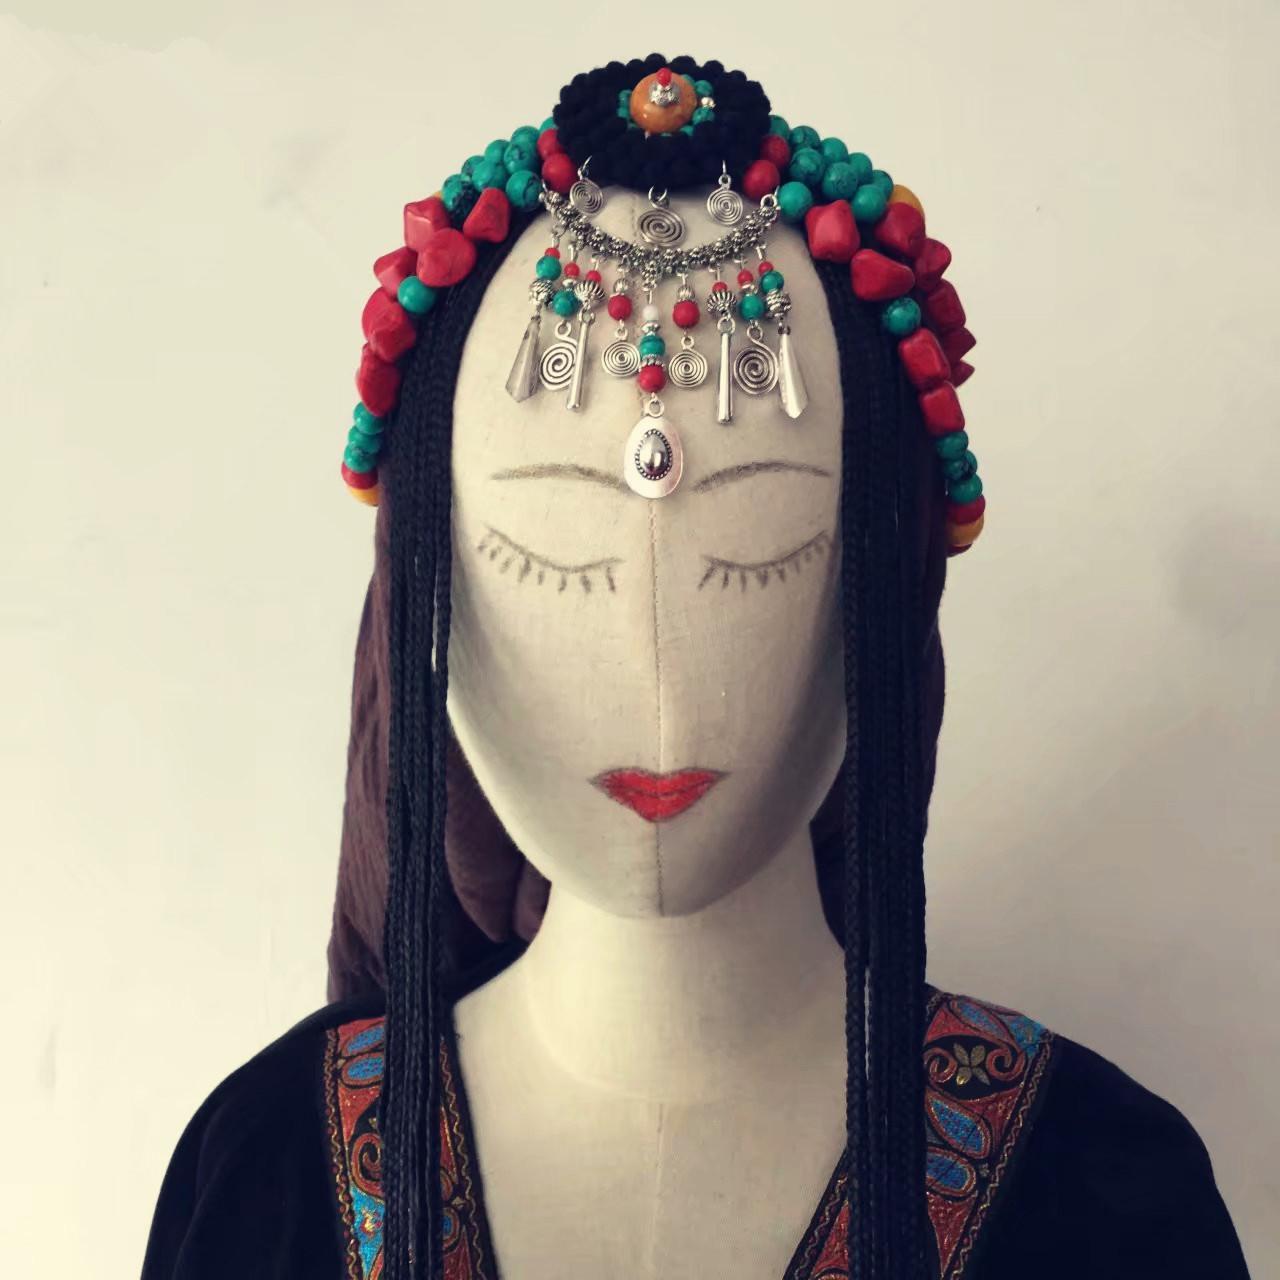 Тибетские монгольские танцевальные аксессуары для волос для тиары коллекция этнических танцев свадебное Скорпион с париком копия Бирюзовые аксессуары для пчелиного воска